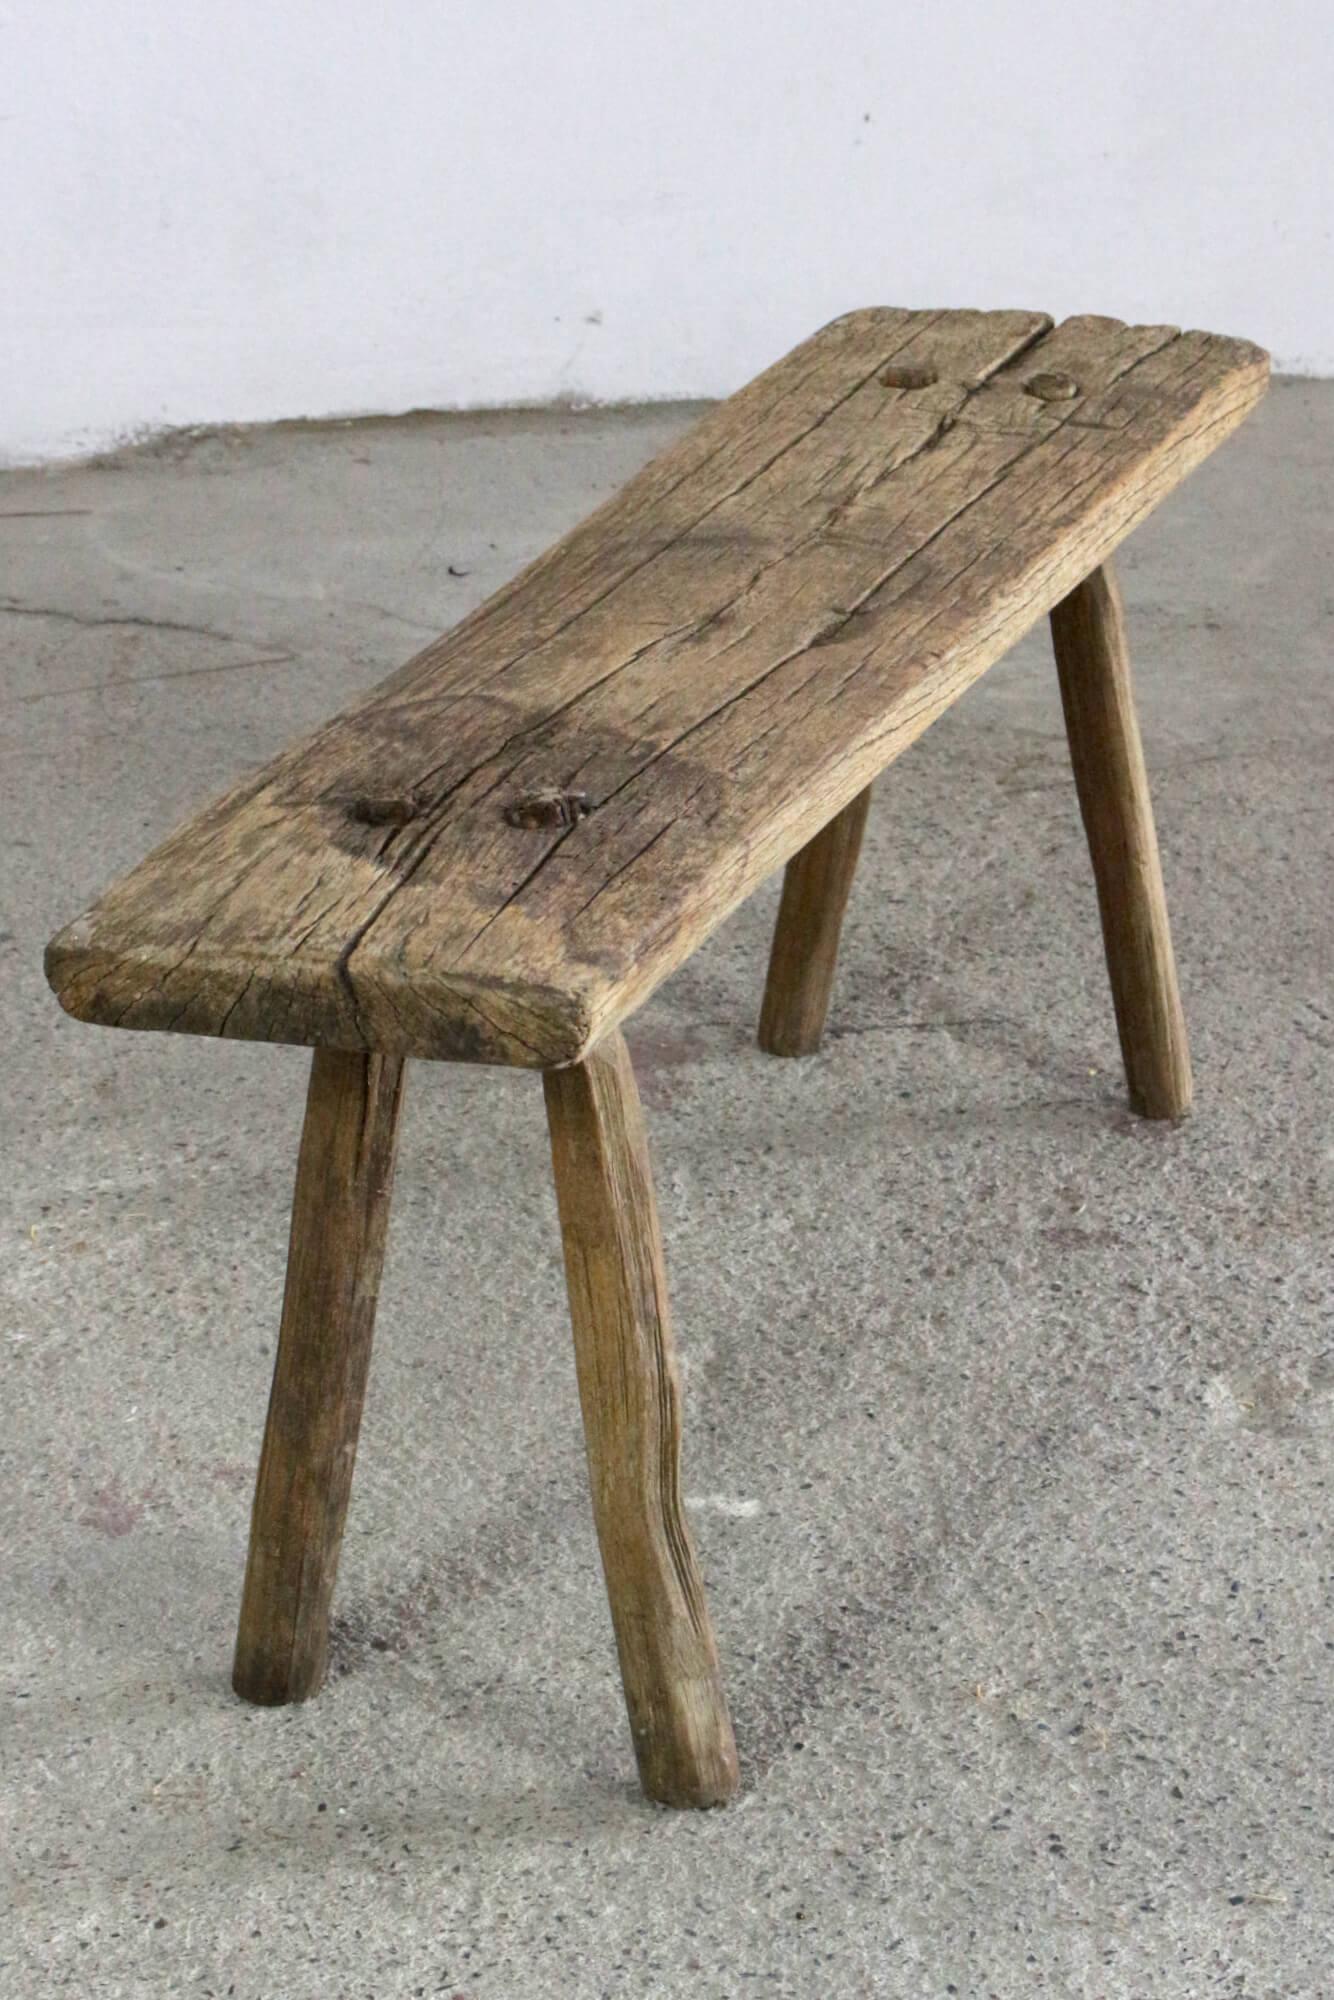 Holzbank antik rustikal, 89 cm